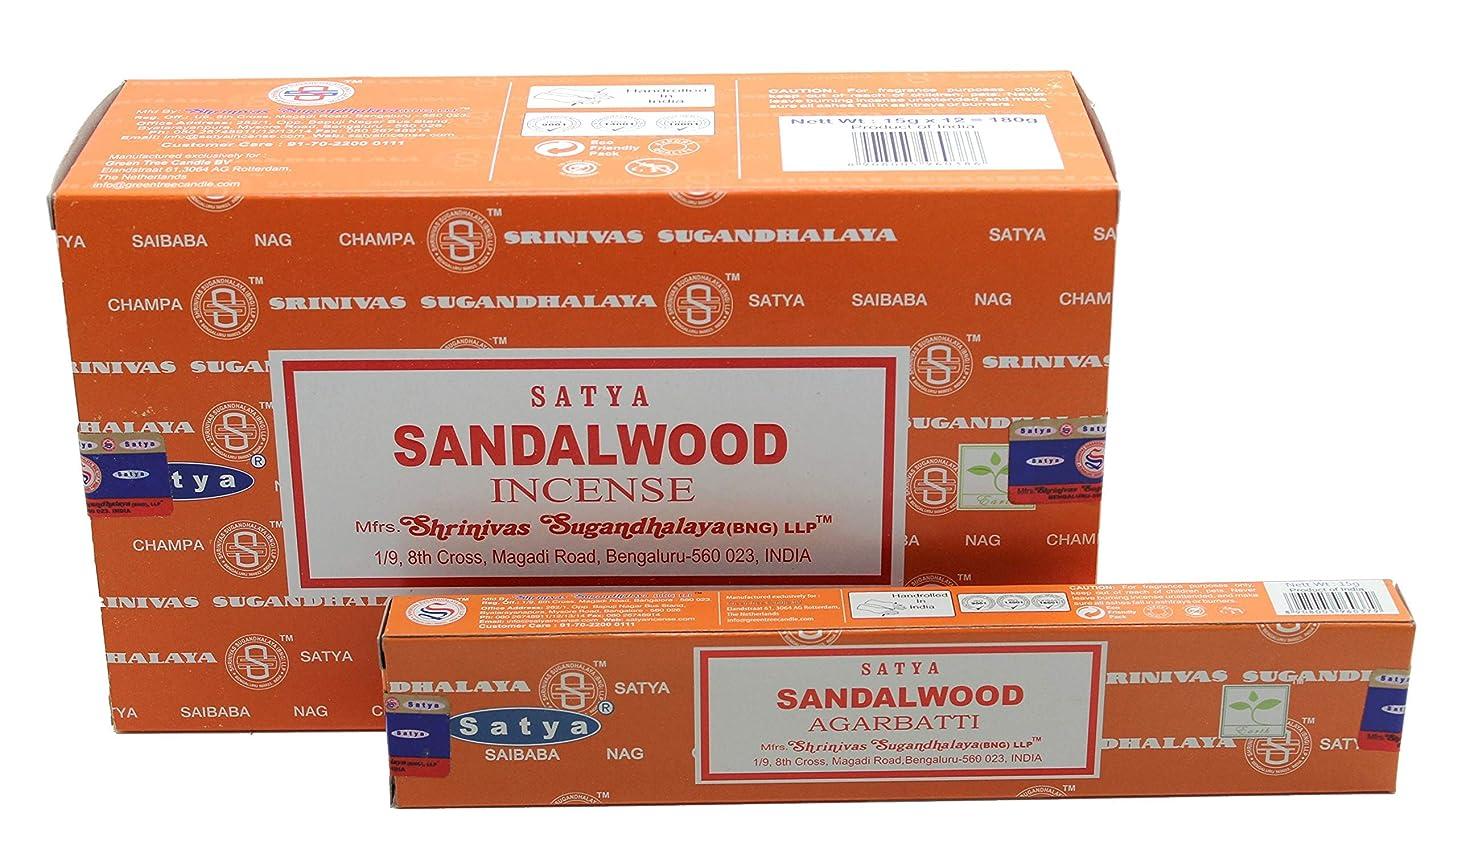 略語大聖堂洋服Satya Bangalore (BNG) サンダルウッド (オレンジボックス) お香スティック 12箱 x 15g (合計180グラム)